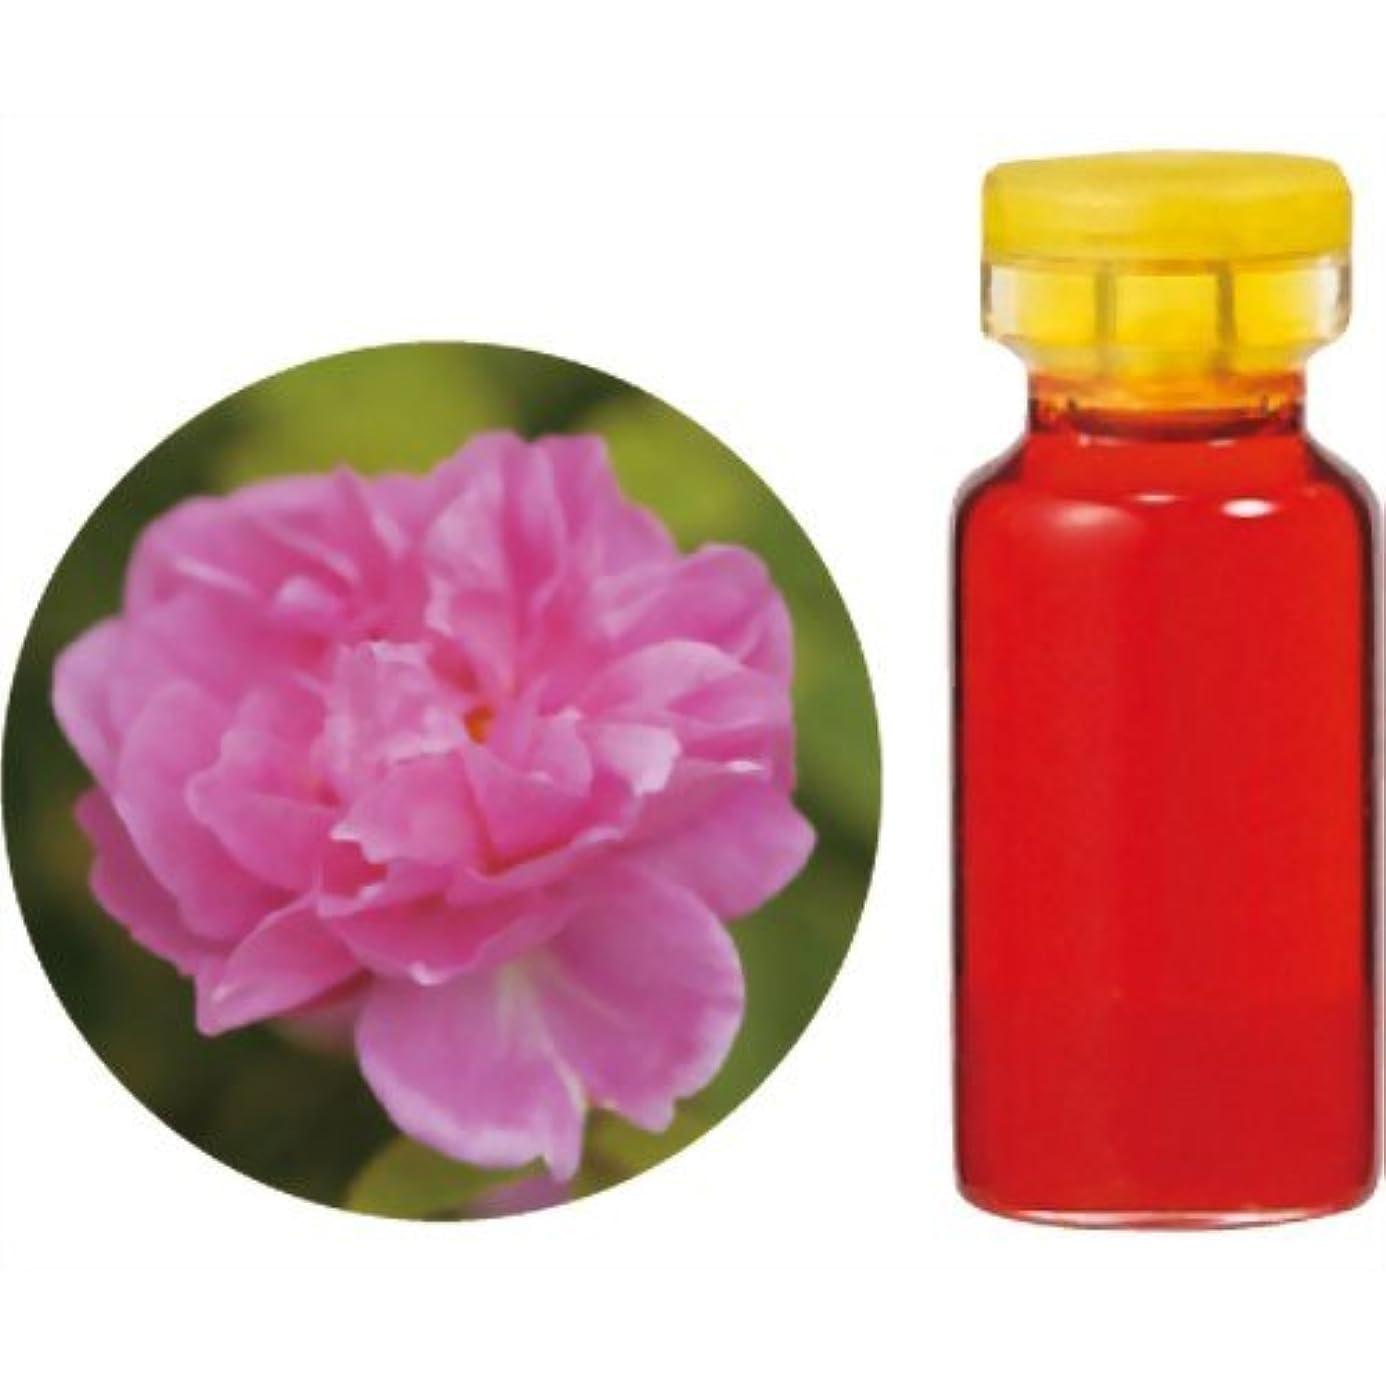 桁意味順応性のある生活の木 Herbal Life 花精油 ダマスクローズAbs.(モロッコ産) 3ml